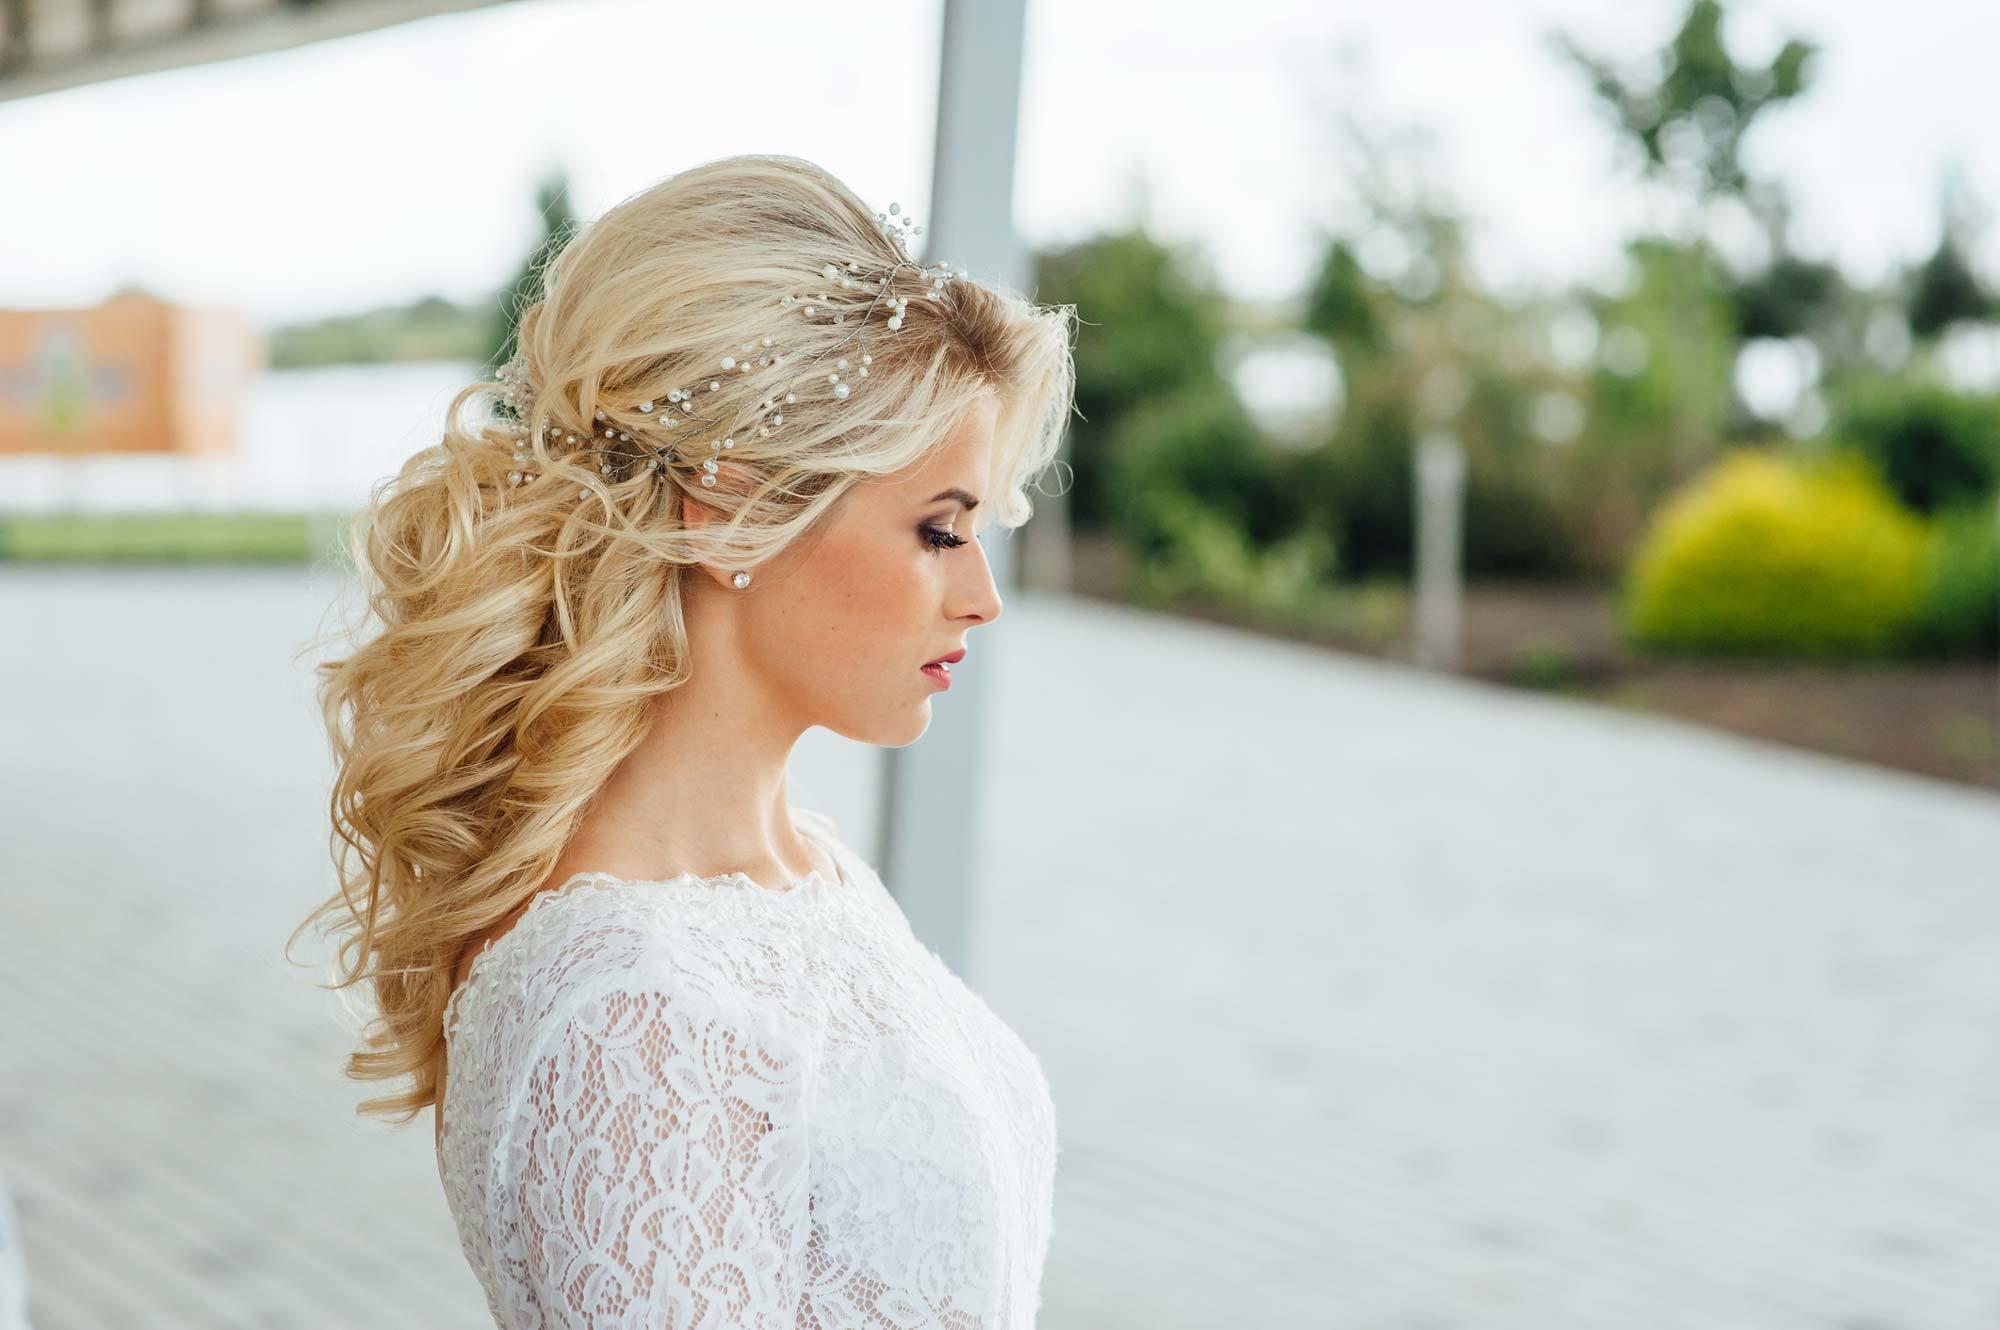 modelo com um dos penteados luxuosos para noivas